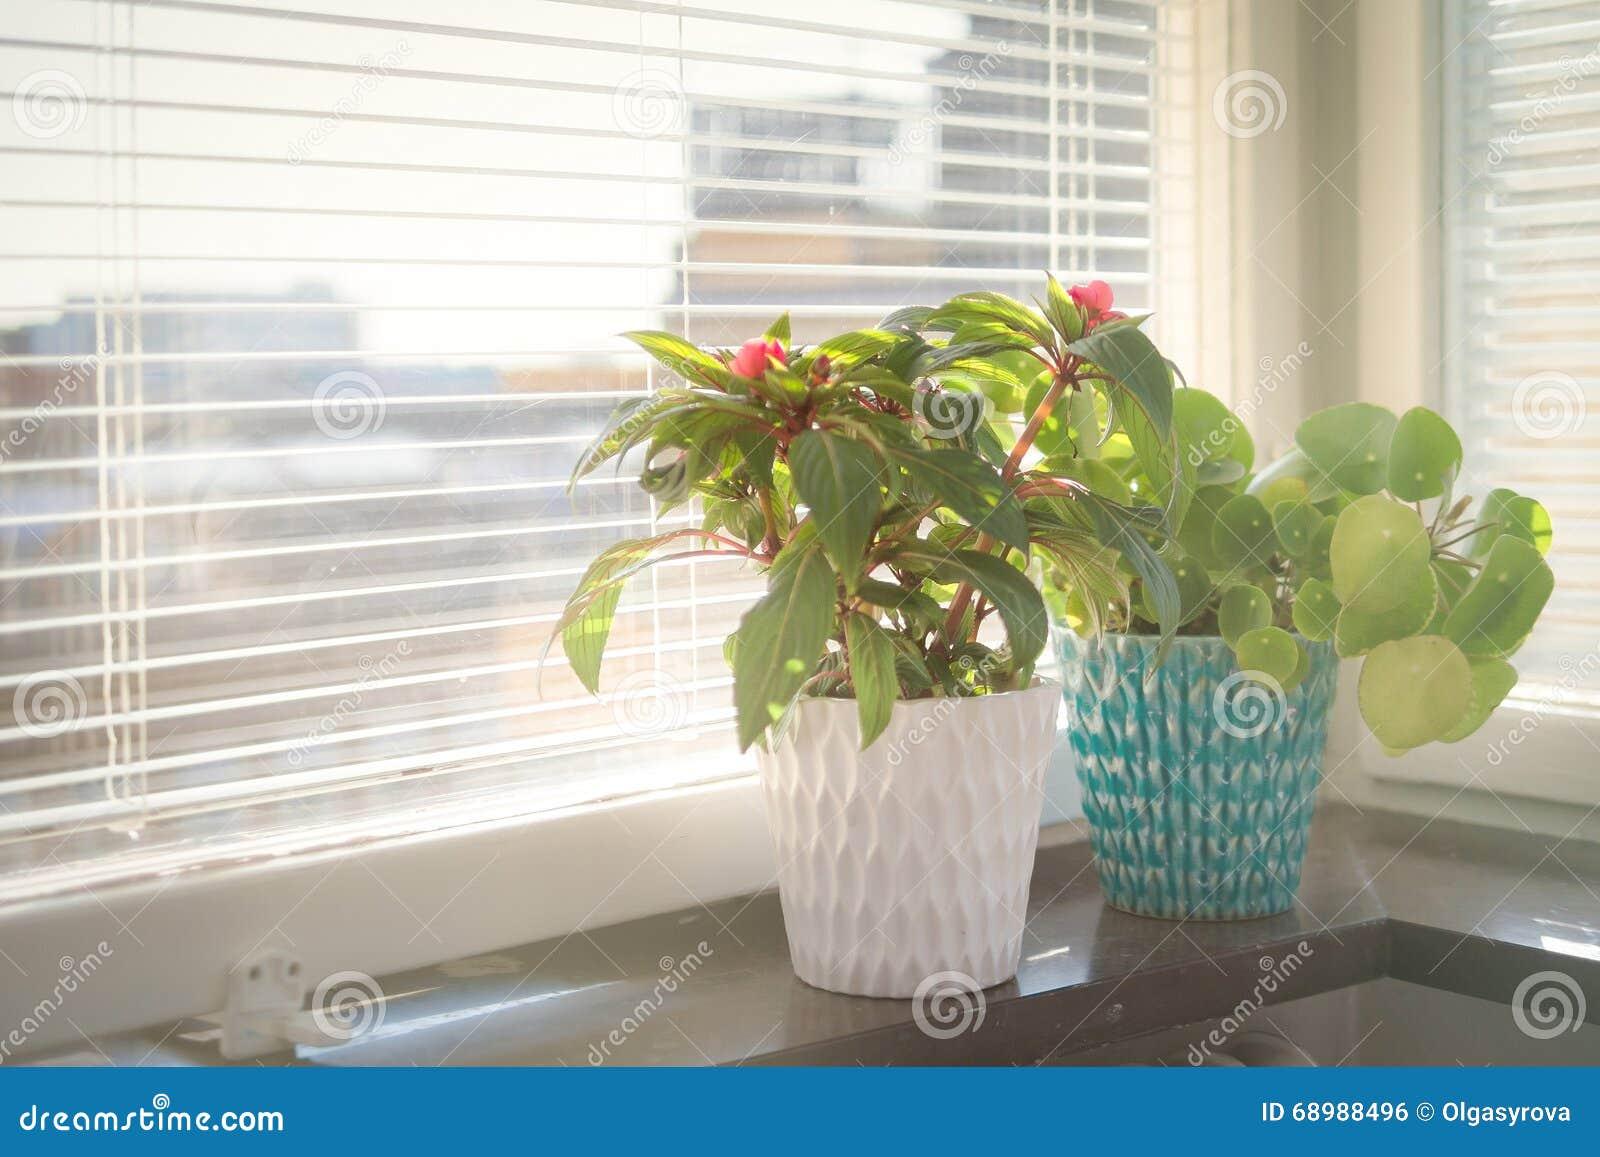 Blomkruka två på fönsterbrädan